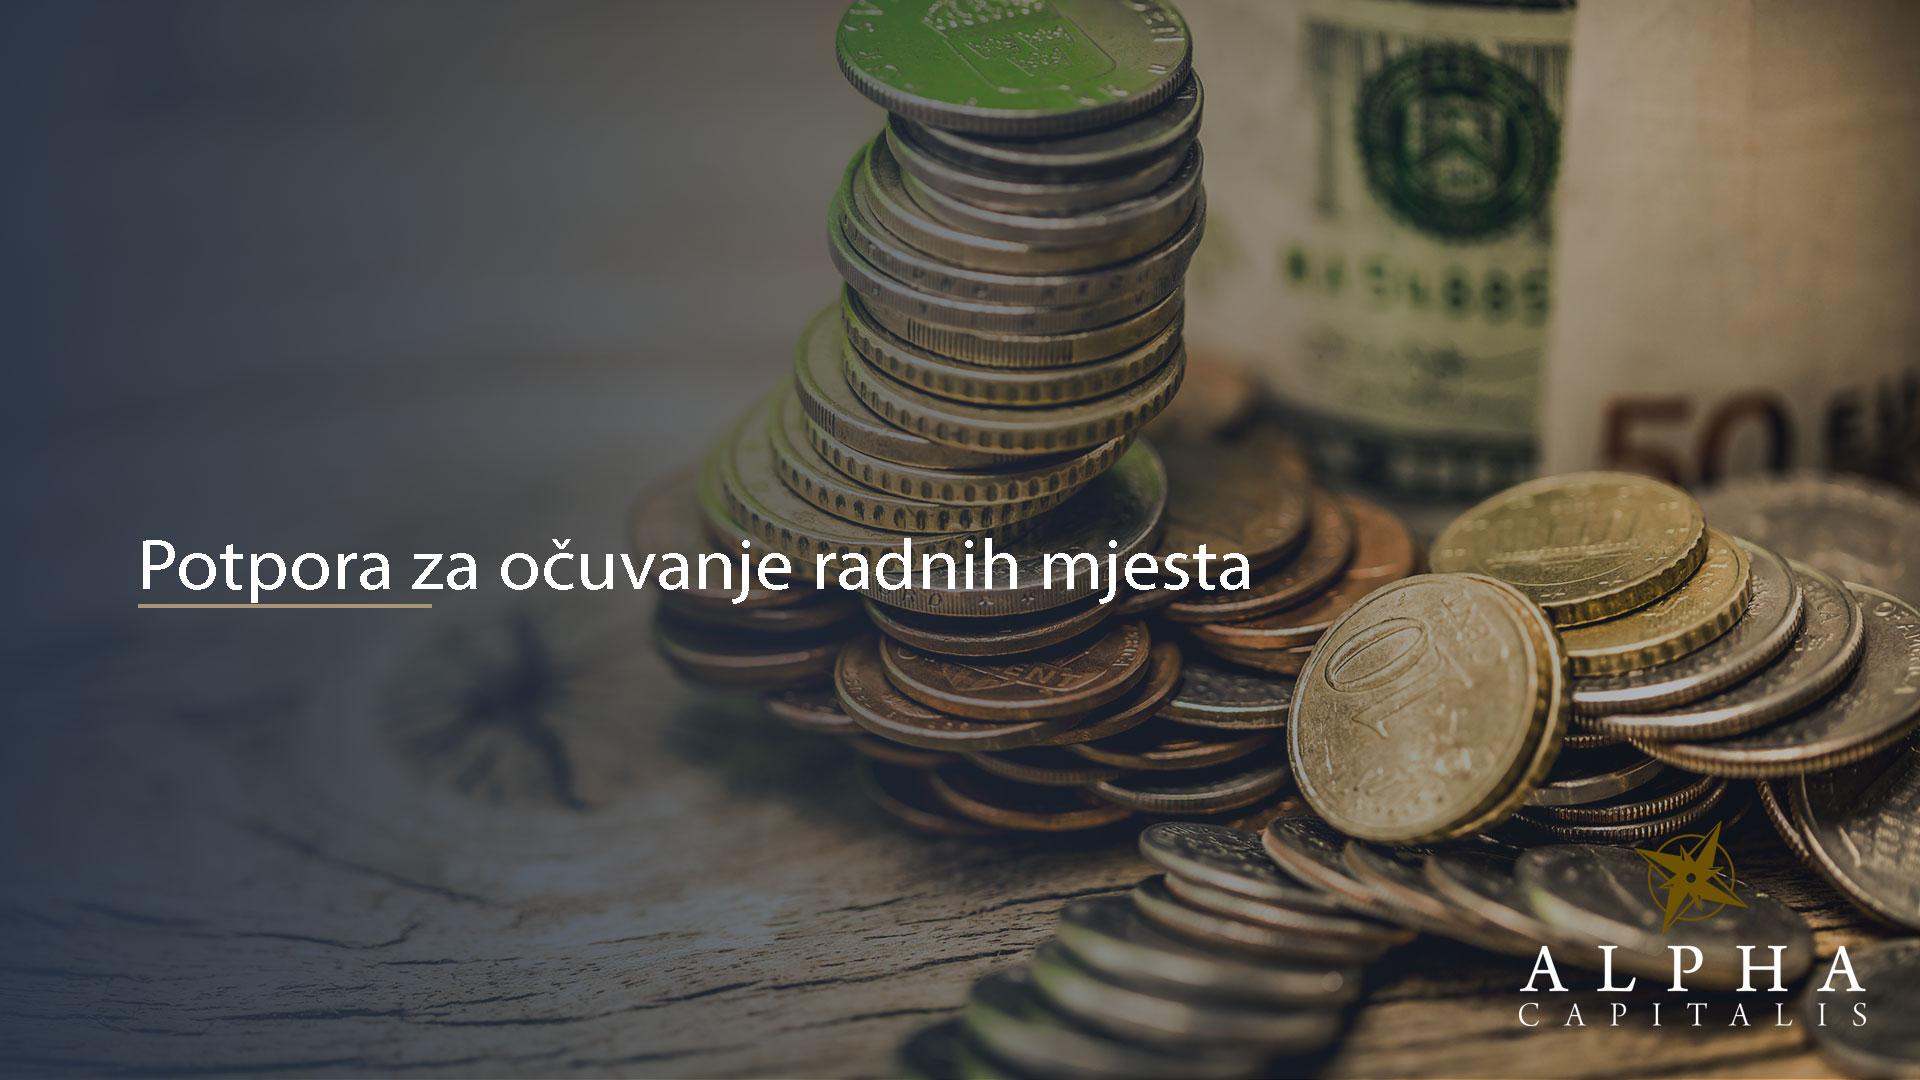 alpha-capitalis-novosti-potpora-za-ocuvanje-radnih-mjesta